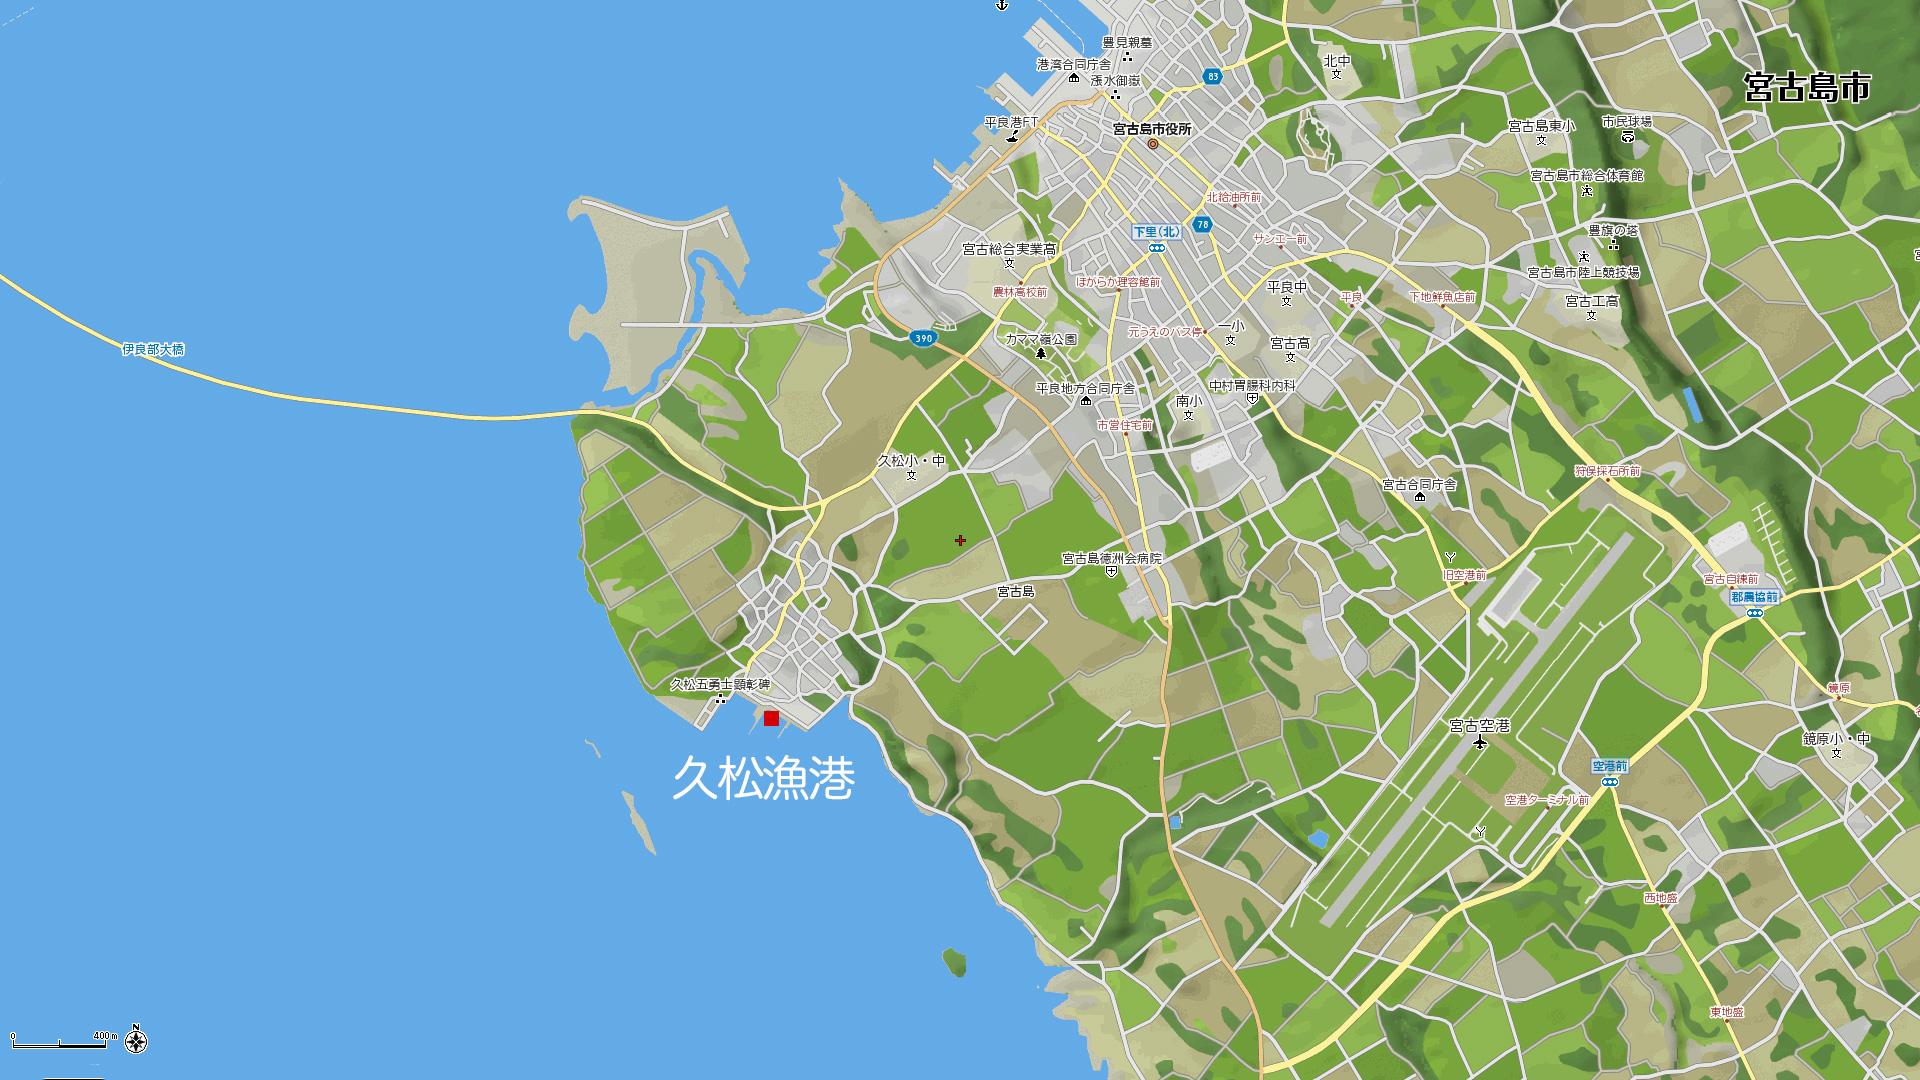 久松漁港地図